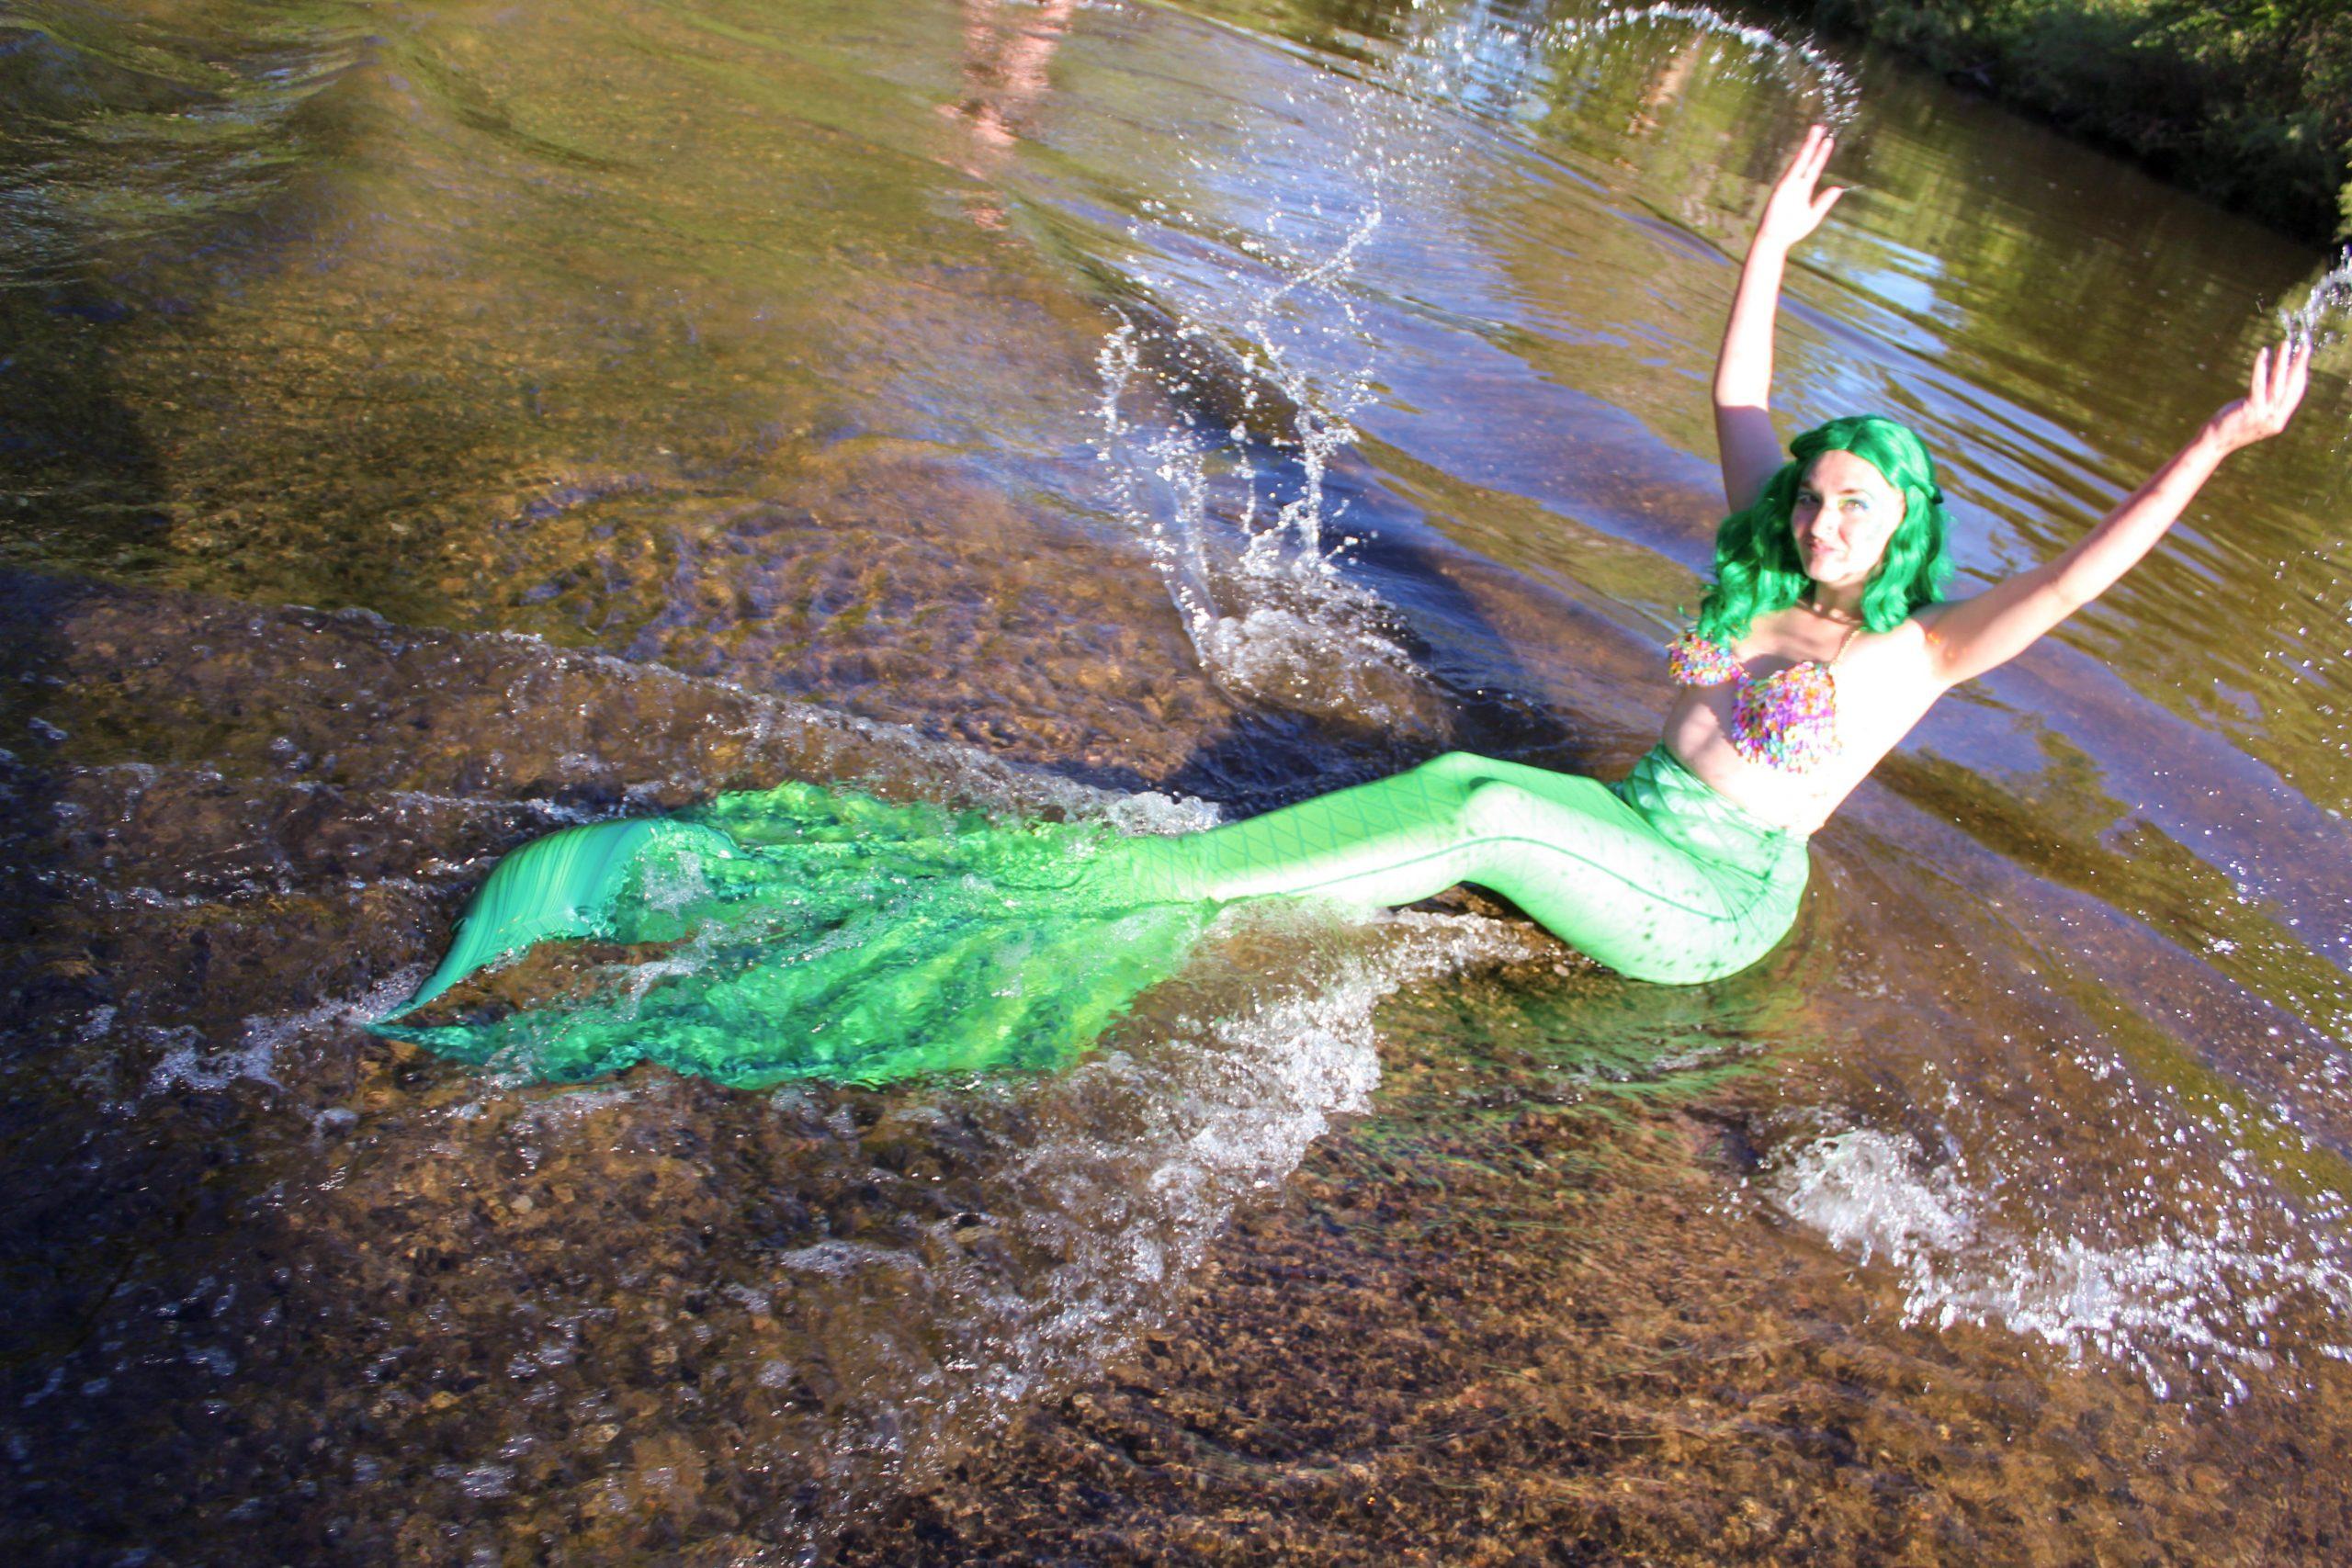 Mermaid By Mddemo